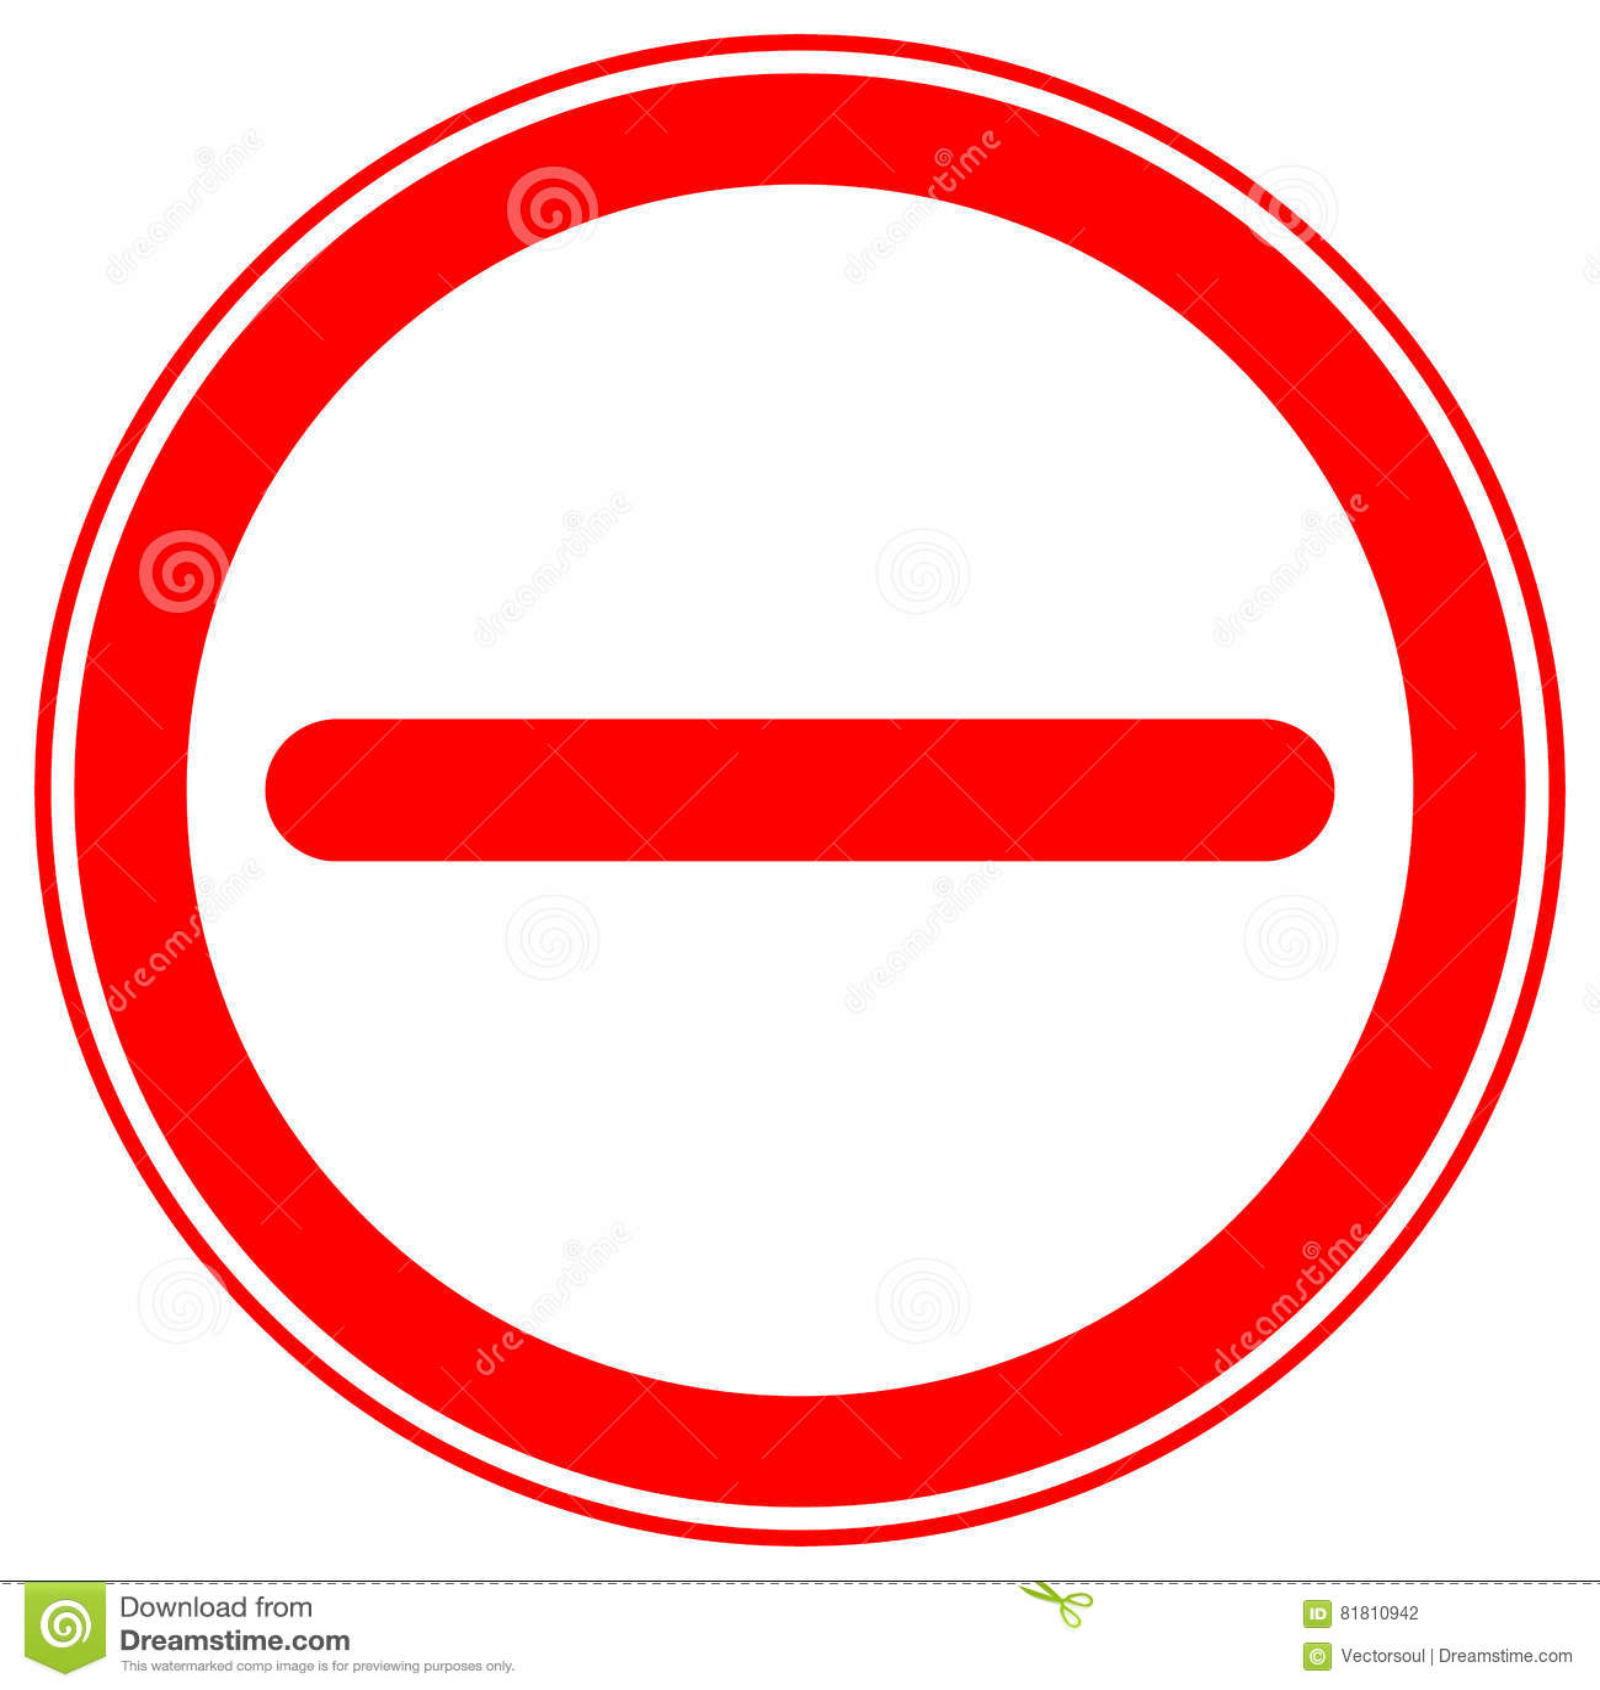 Printable ограничение, запрет подписывает, запретительные дорожные знаки